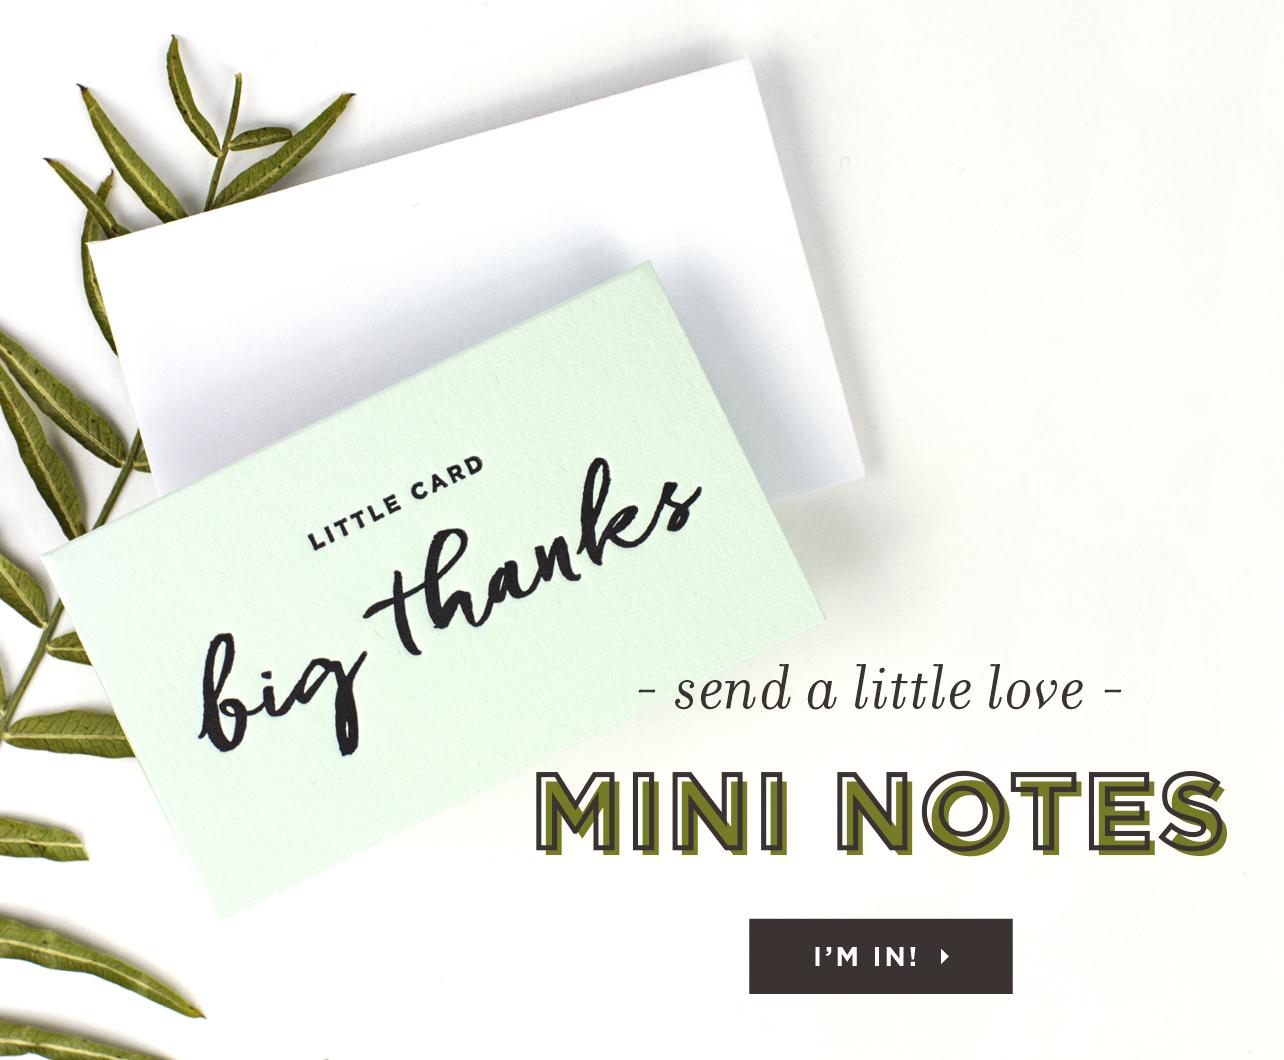 Mini Notes